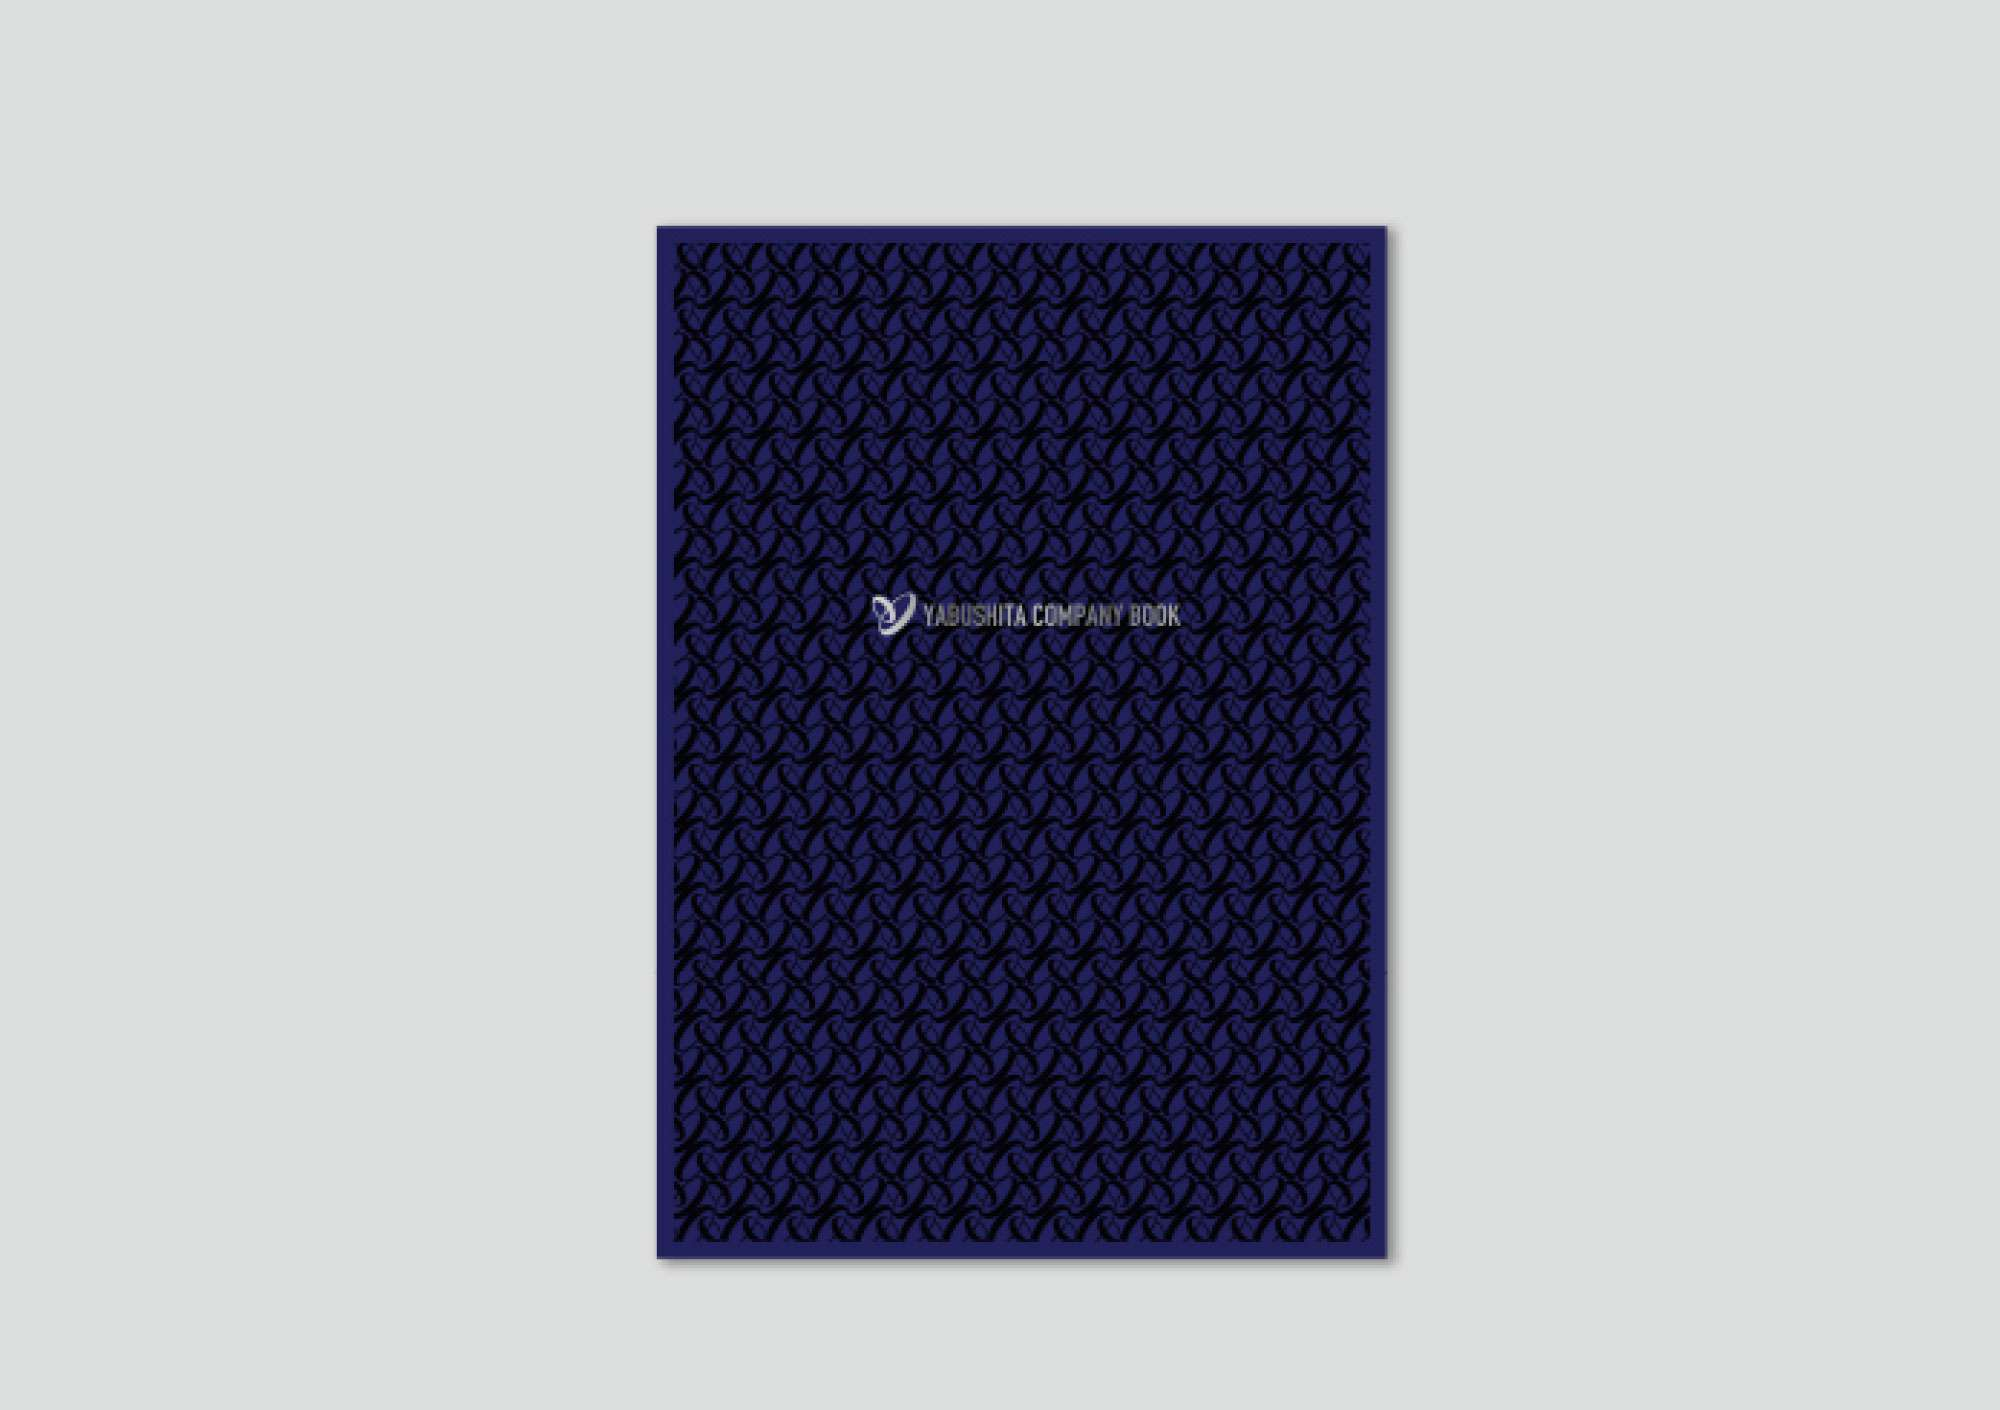 グラフィックデザイン / 株式会社ヤブシタ / COMPANY BOOK / 冊子 - Art Director / Riy制作室   Design / jamska design -  -